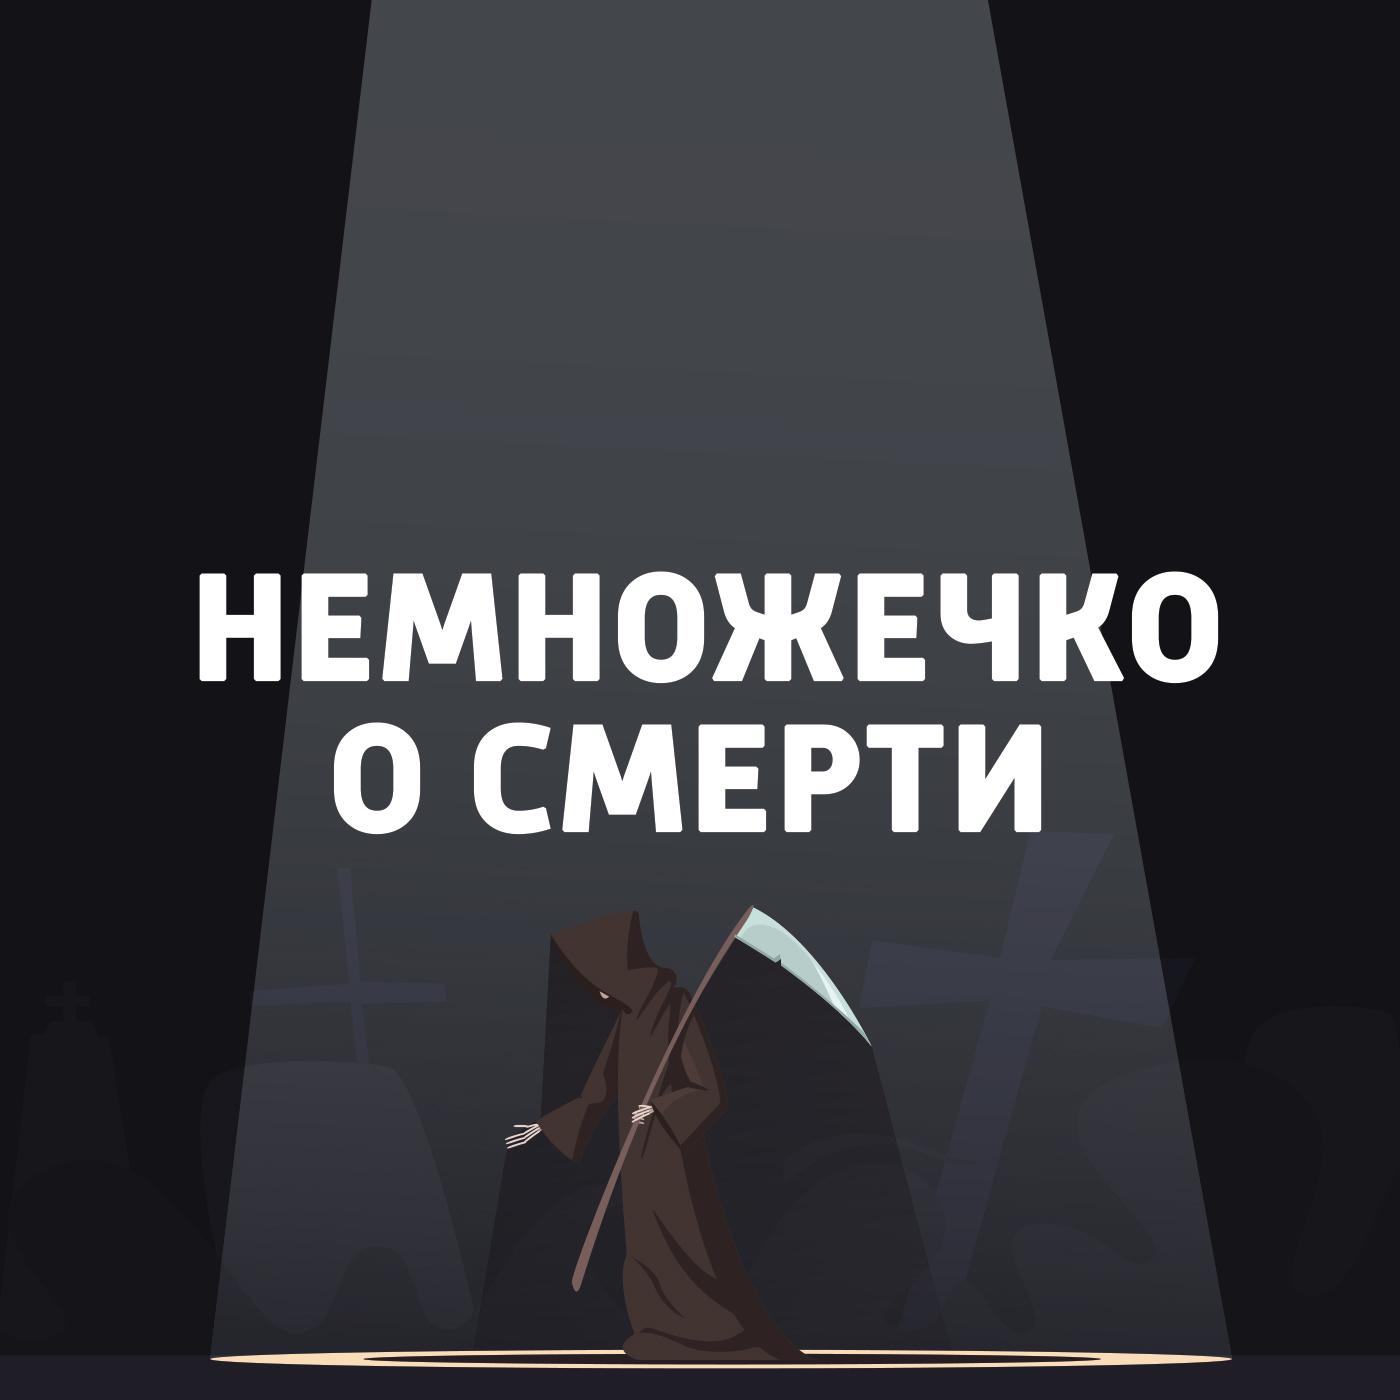 Дэвид Кэррадин, Майкл Эдвардс и нелепые смерти